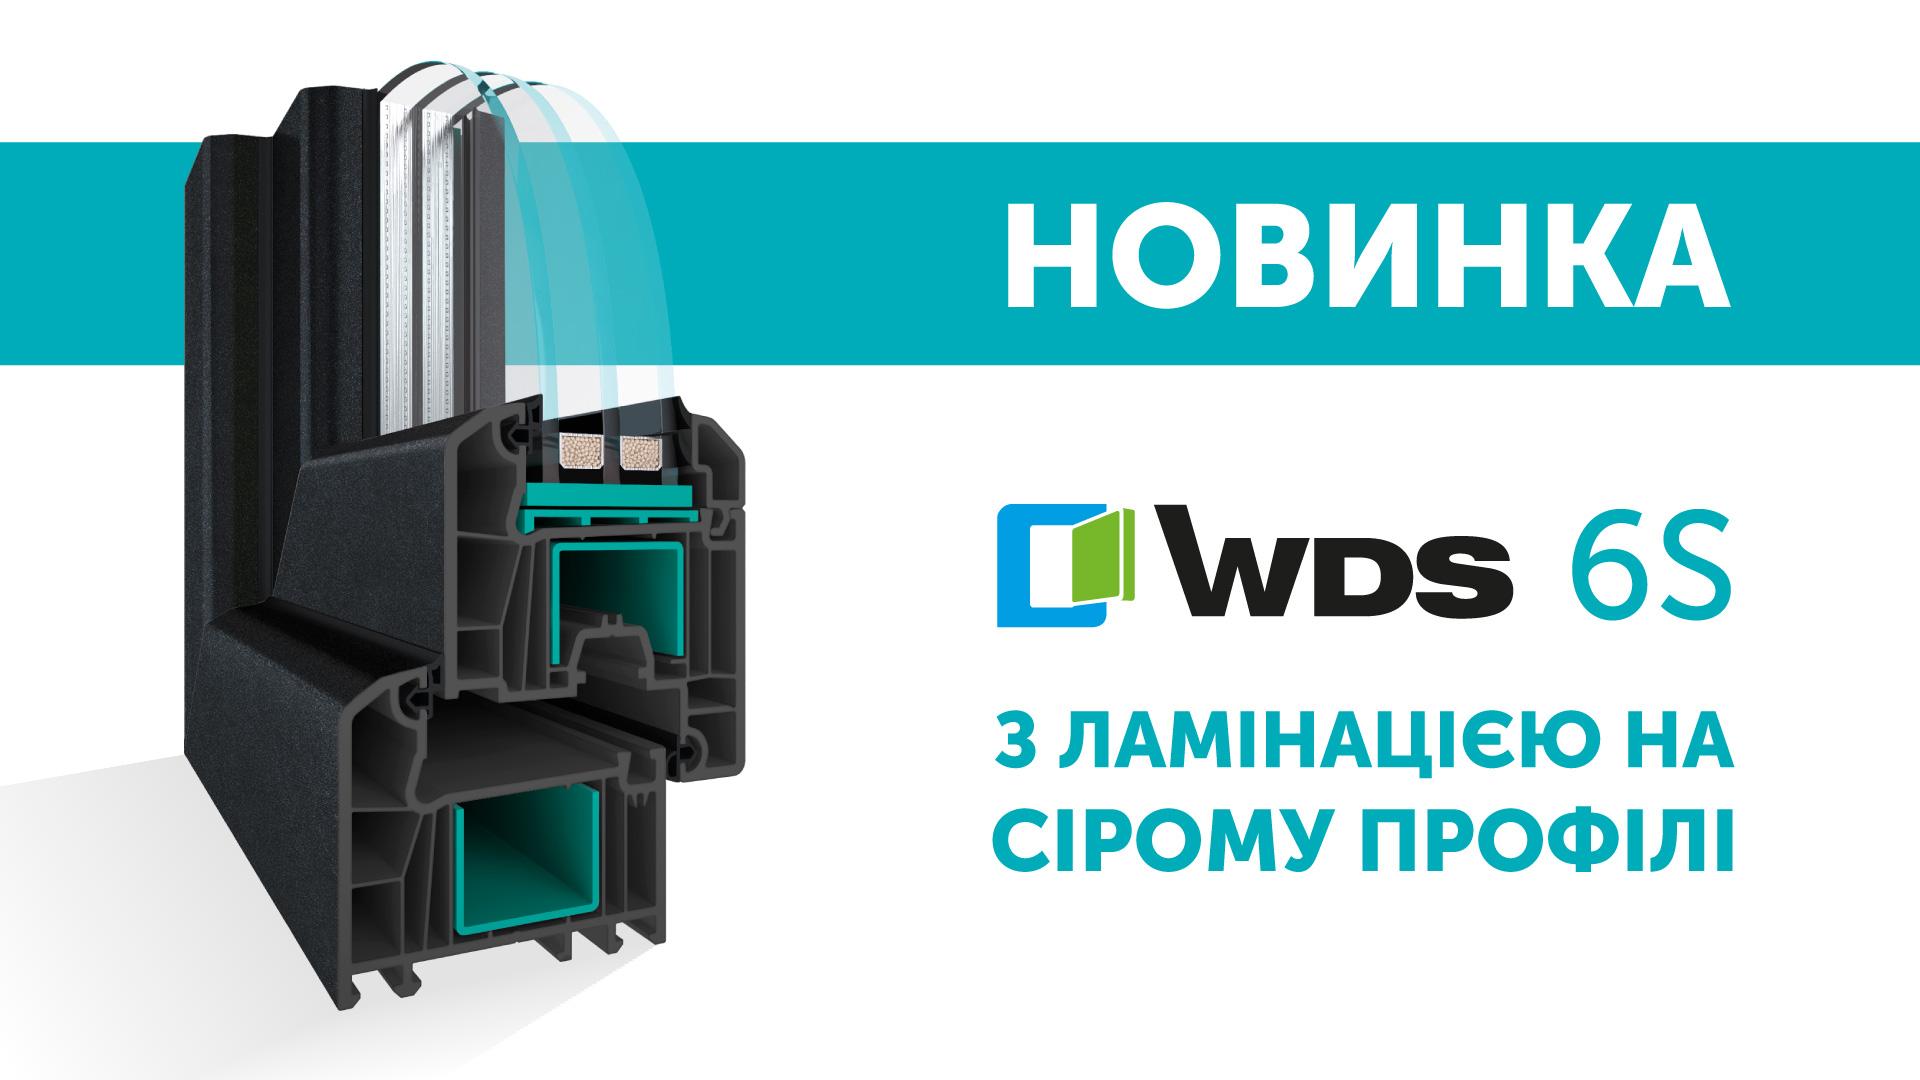 Система WDS 6S буде доступна в сірій масі з травня 2021